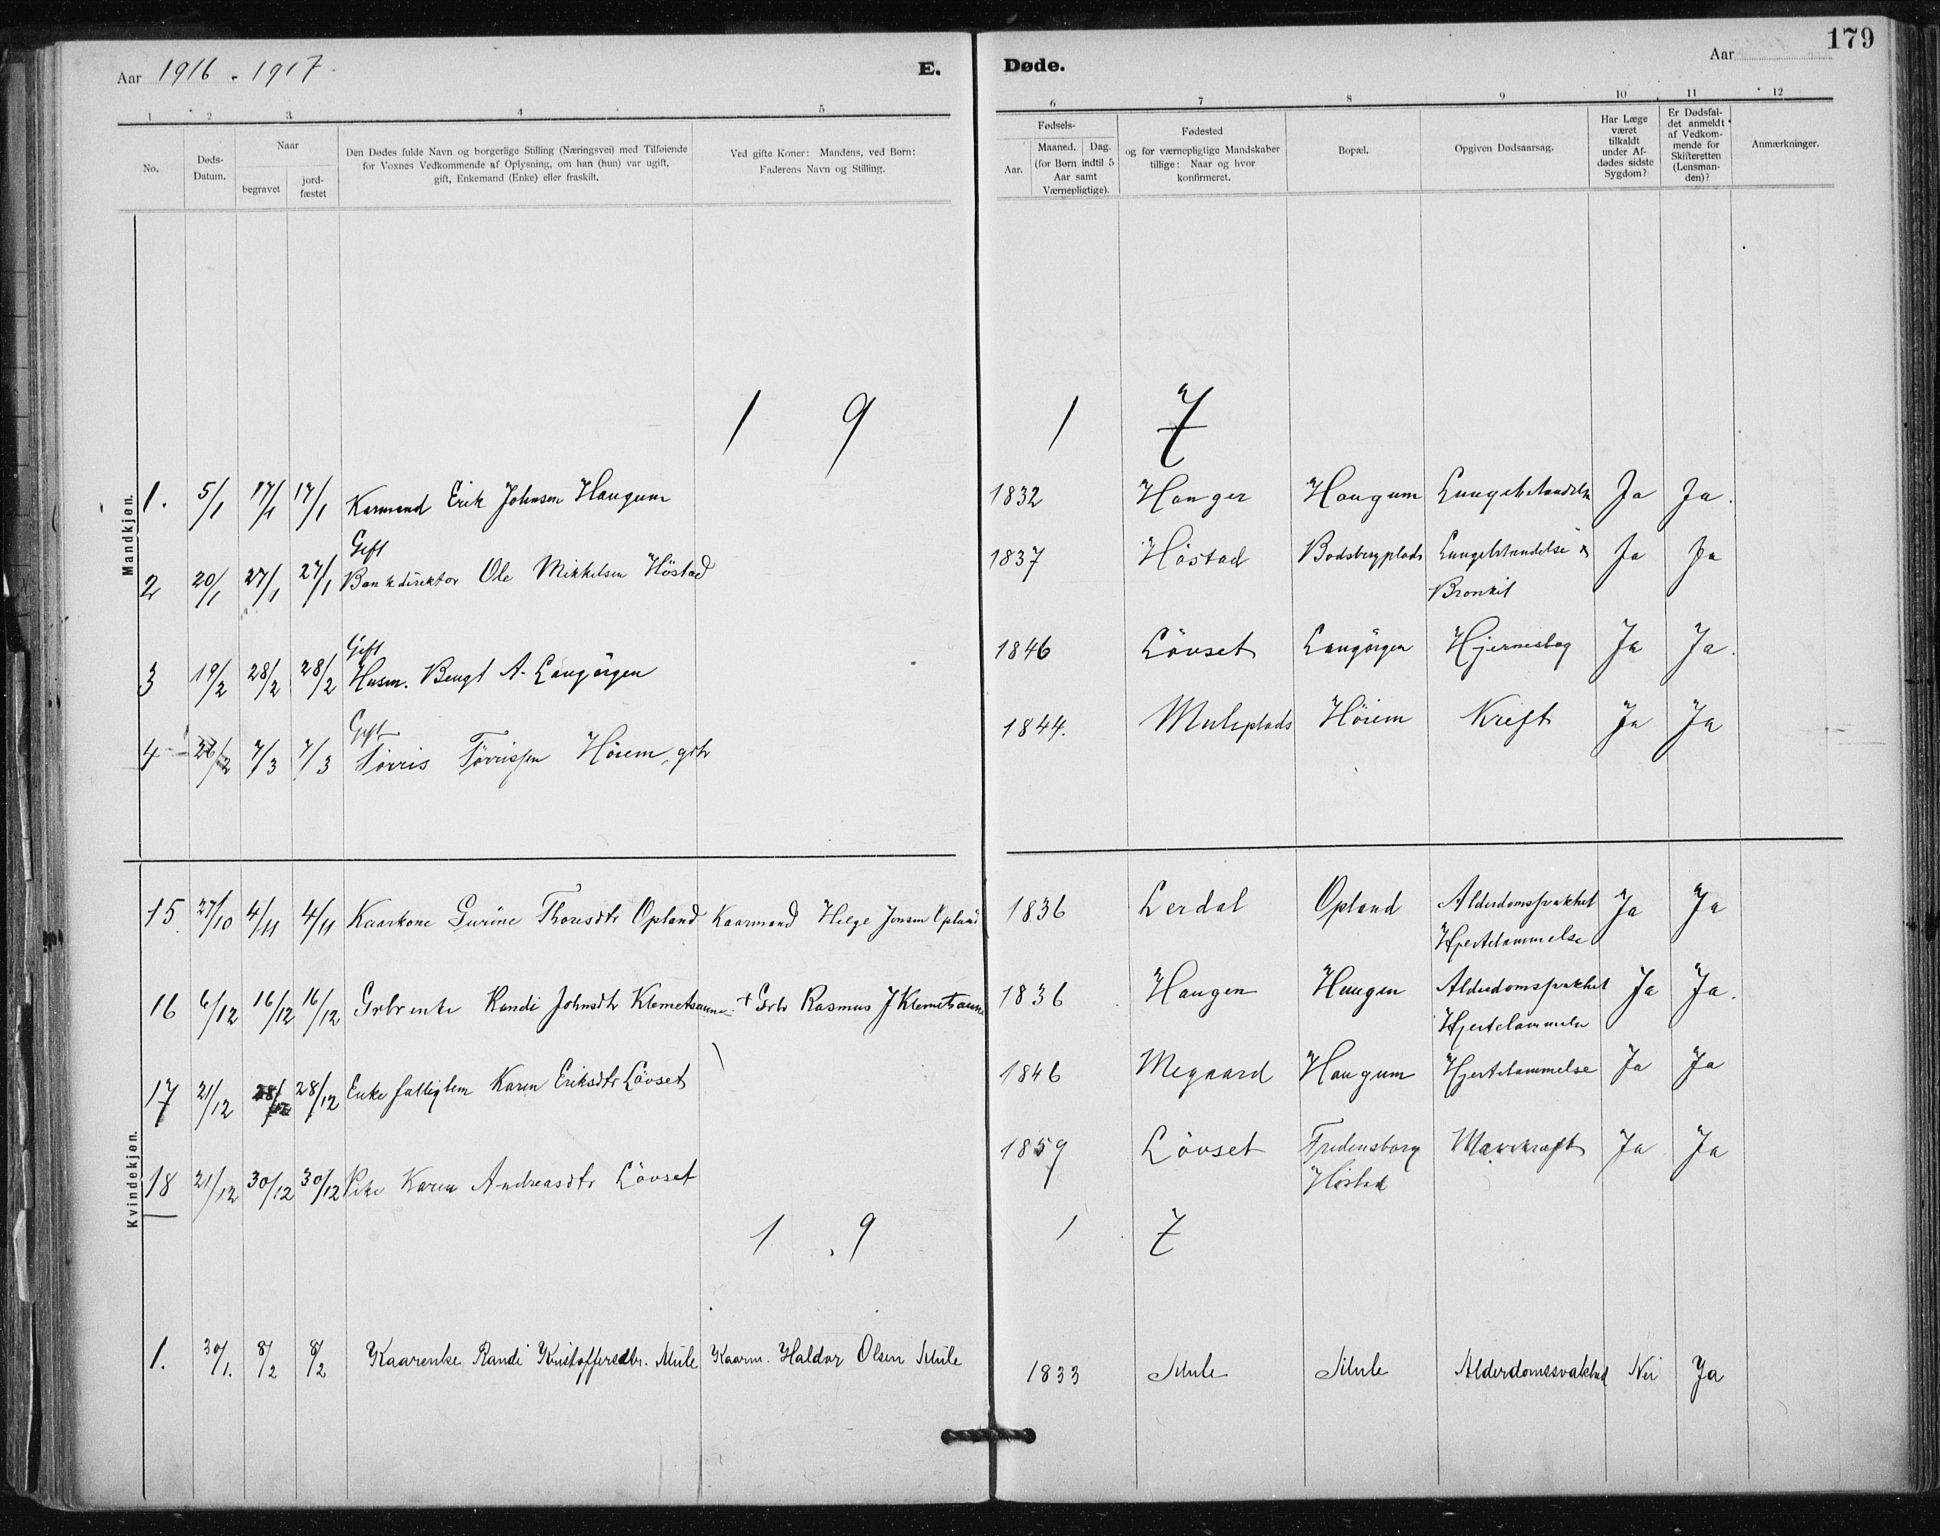 SAT, Ministerialprotokoller, klokkerbøker og fødselsregistre - Sør-Trøndelag, 612/L0381: Ministerialbok nr. 612A13, 1907-1923, s. 179